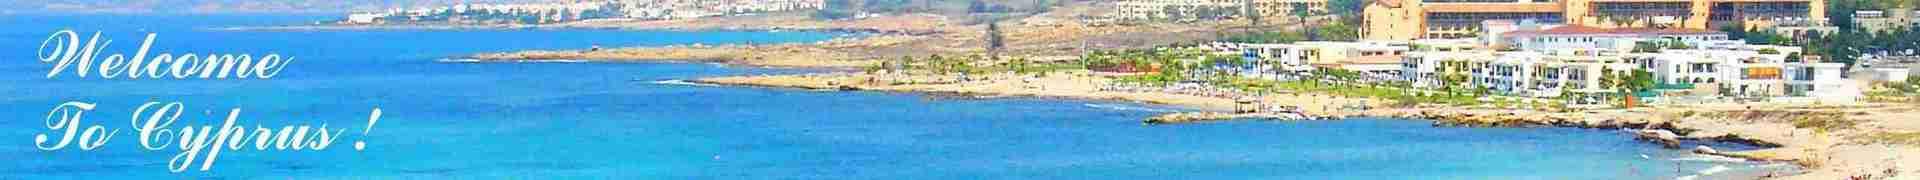 Добро пожаловать на Кипр!